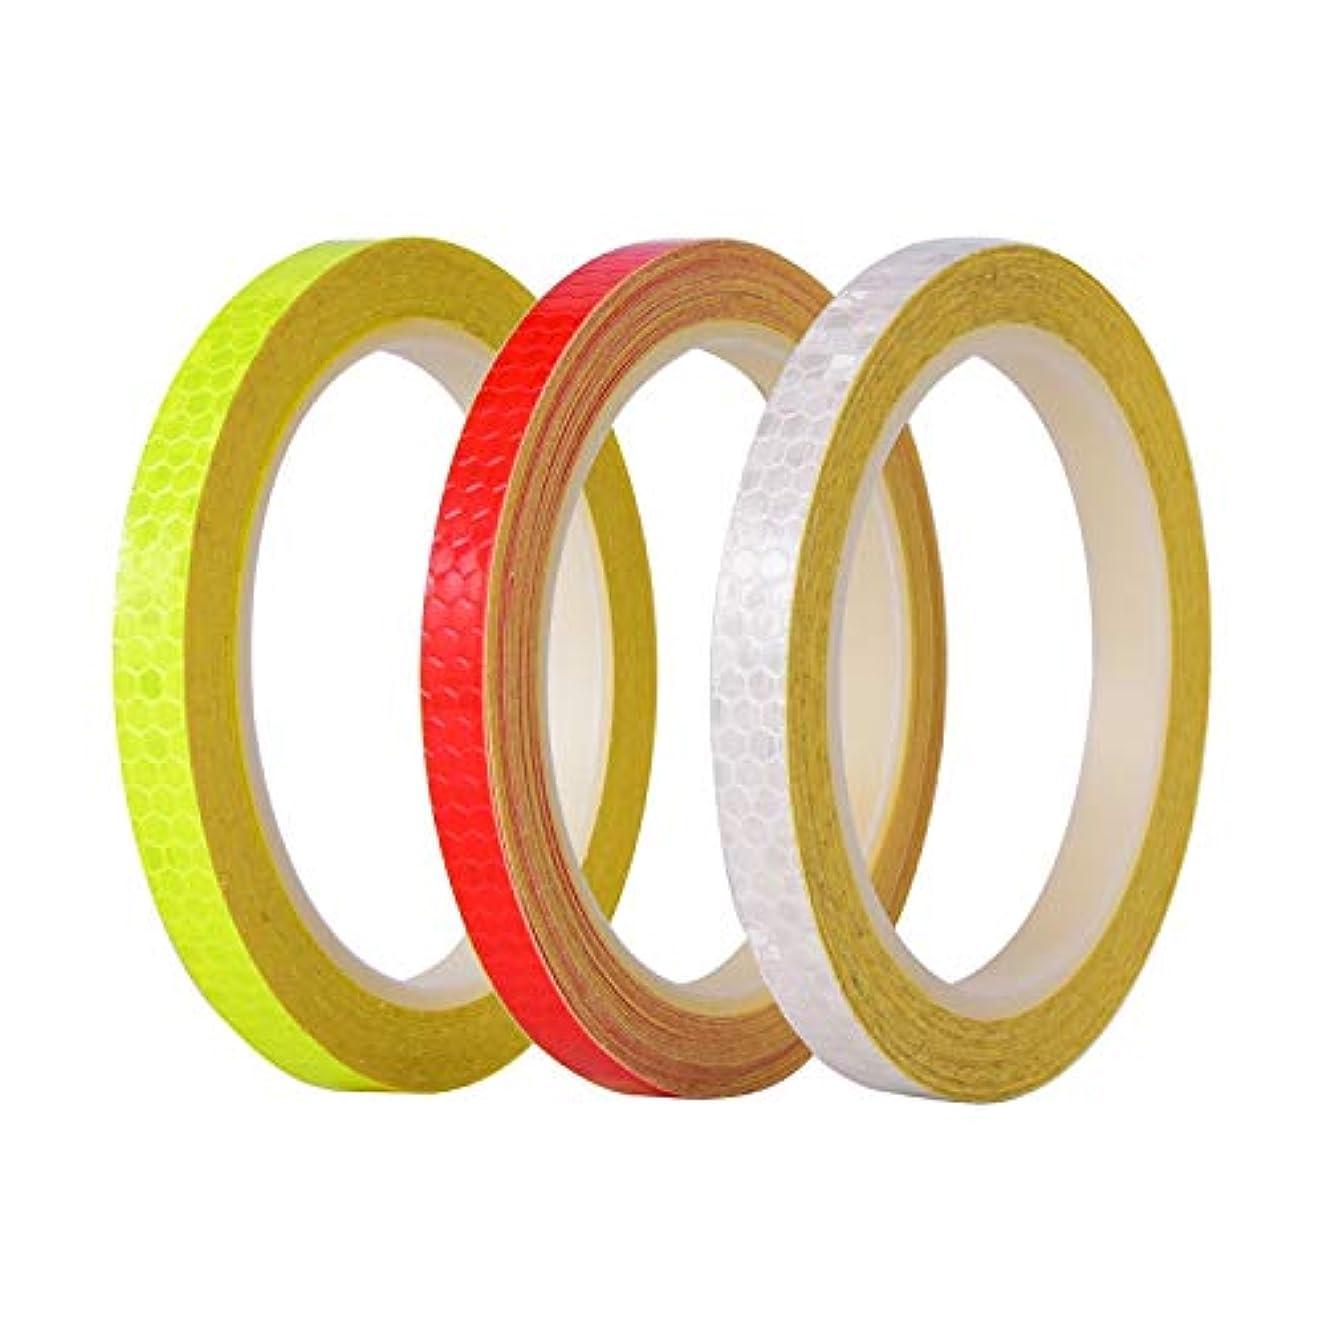 彼ホースネスト全反射テープで26ヤードマイクロプリズムシート安全反射テープ、 自転車 アクセサリー (色 : 3PCS)